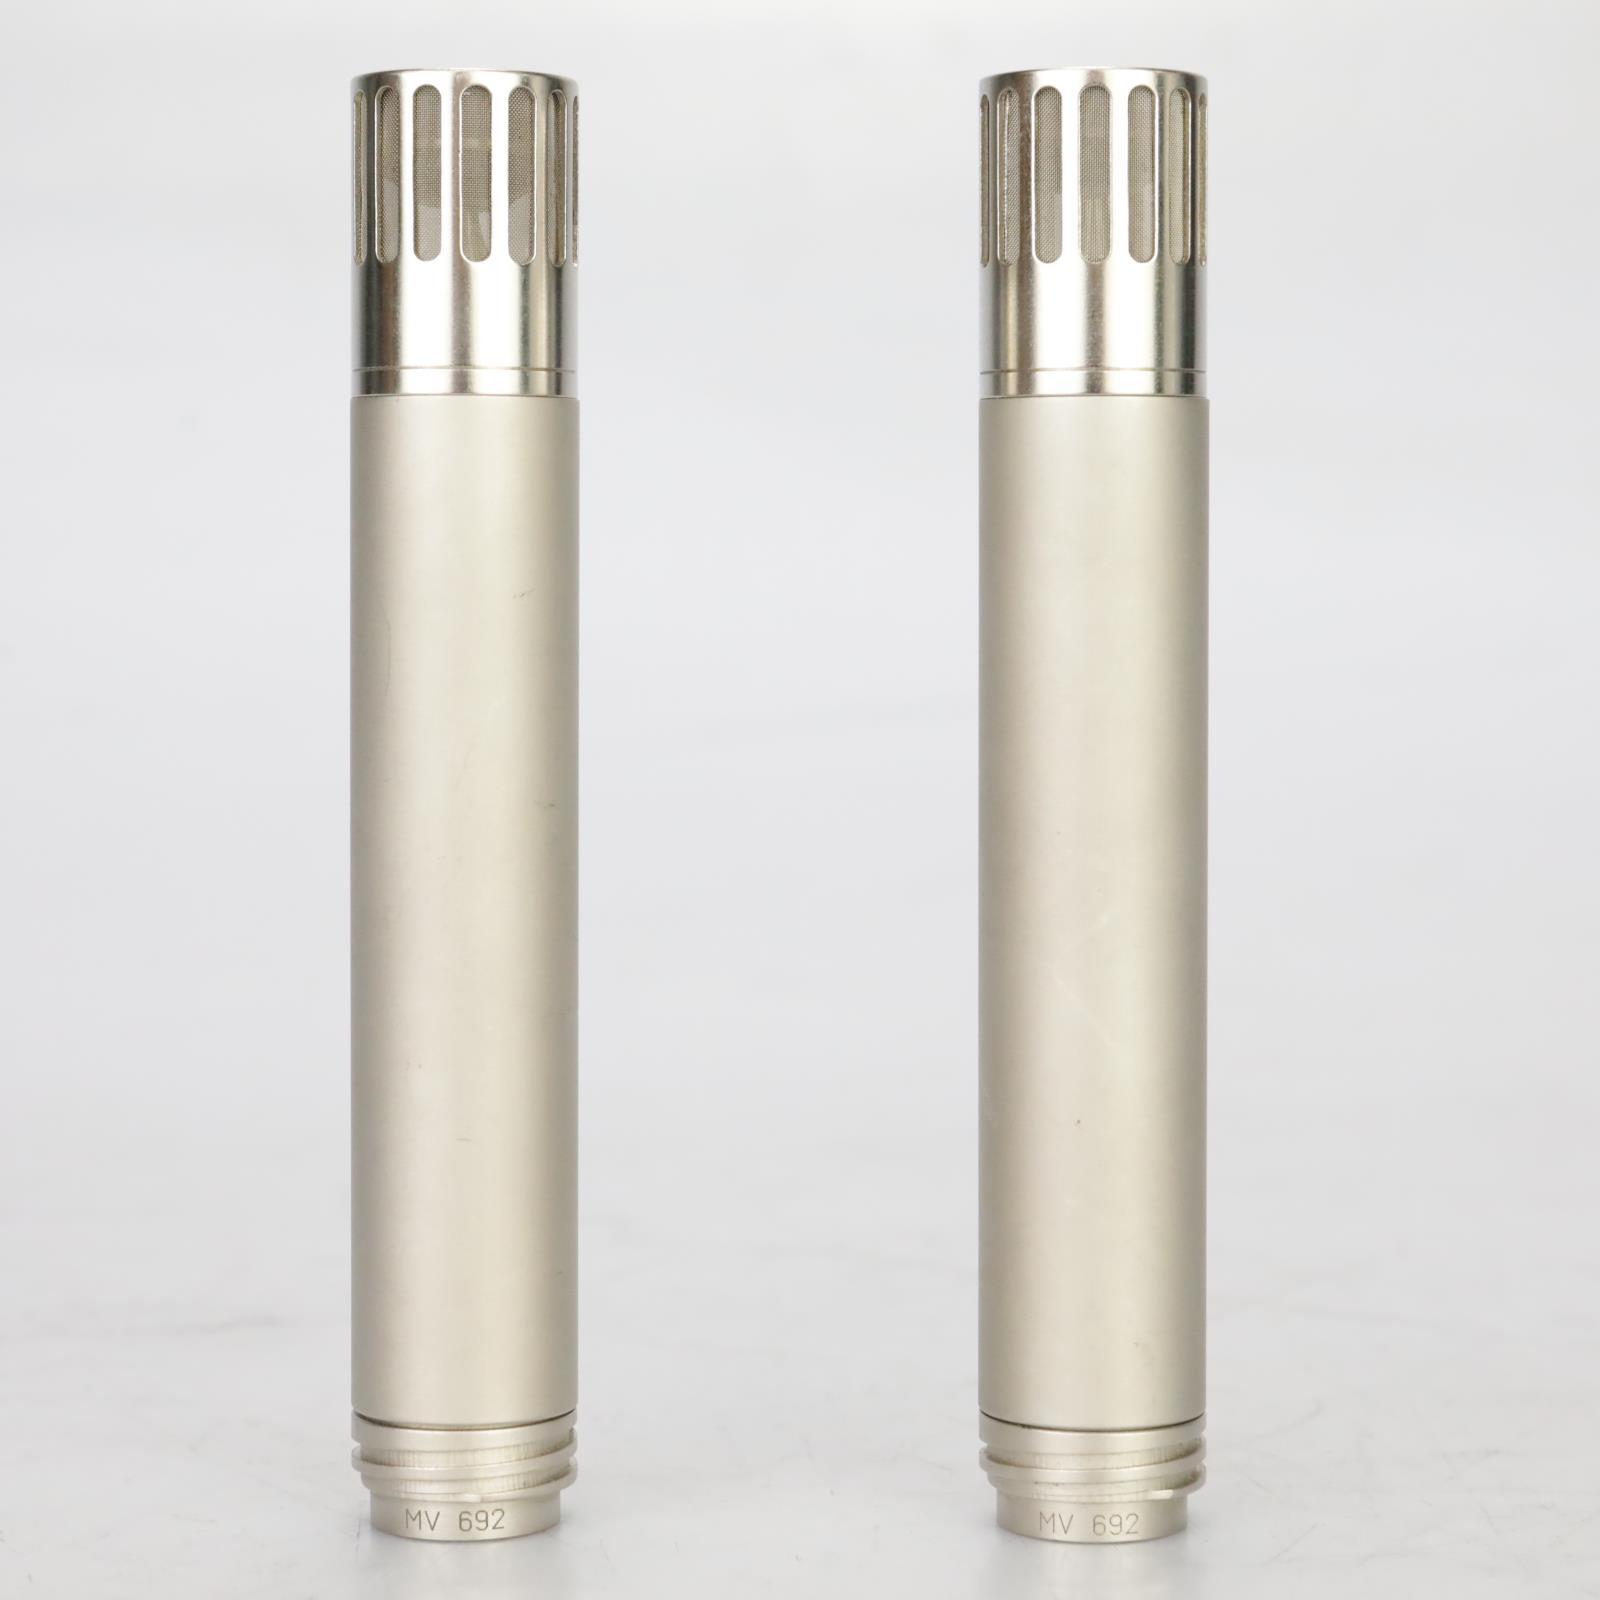 2 Gefell MV-692 Small Diaphragm Condenser Microphones Neumann RFT w/Power #37930